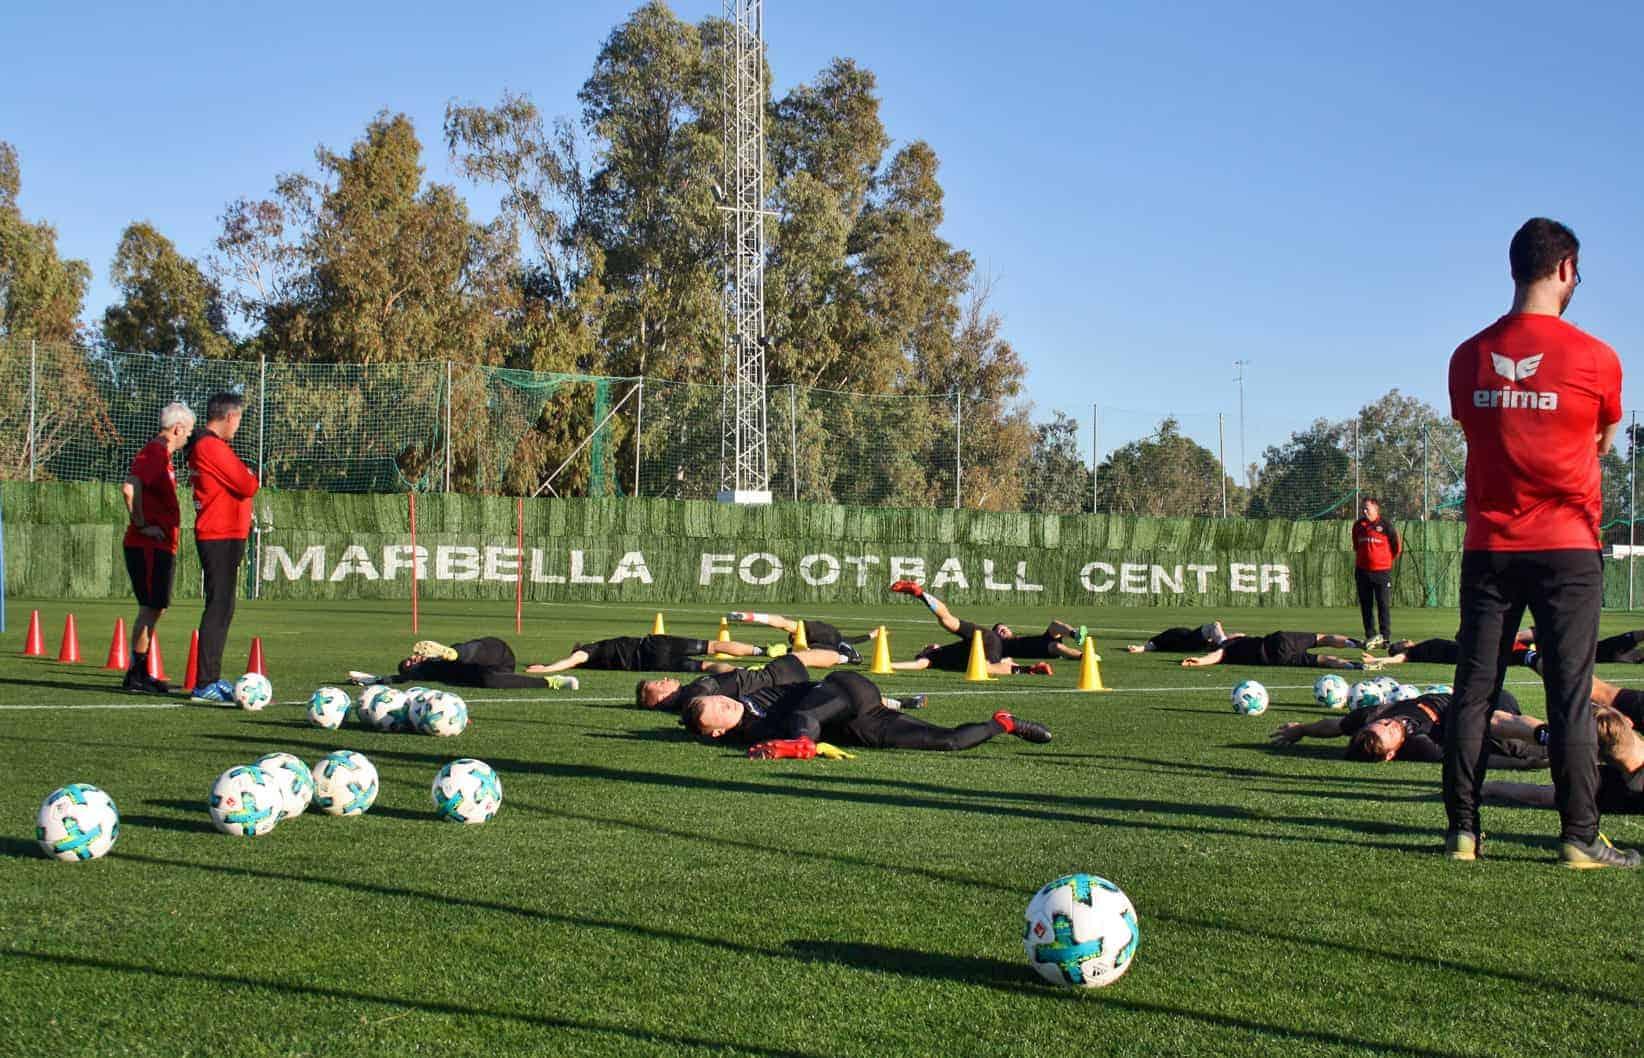 marbella-football-center-training-facilities-05